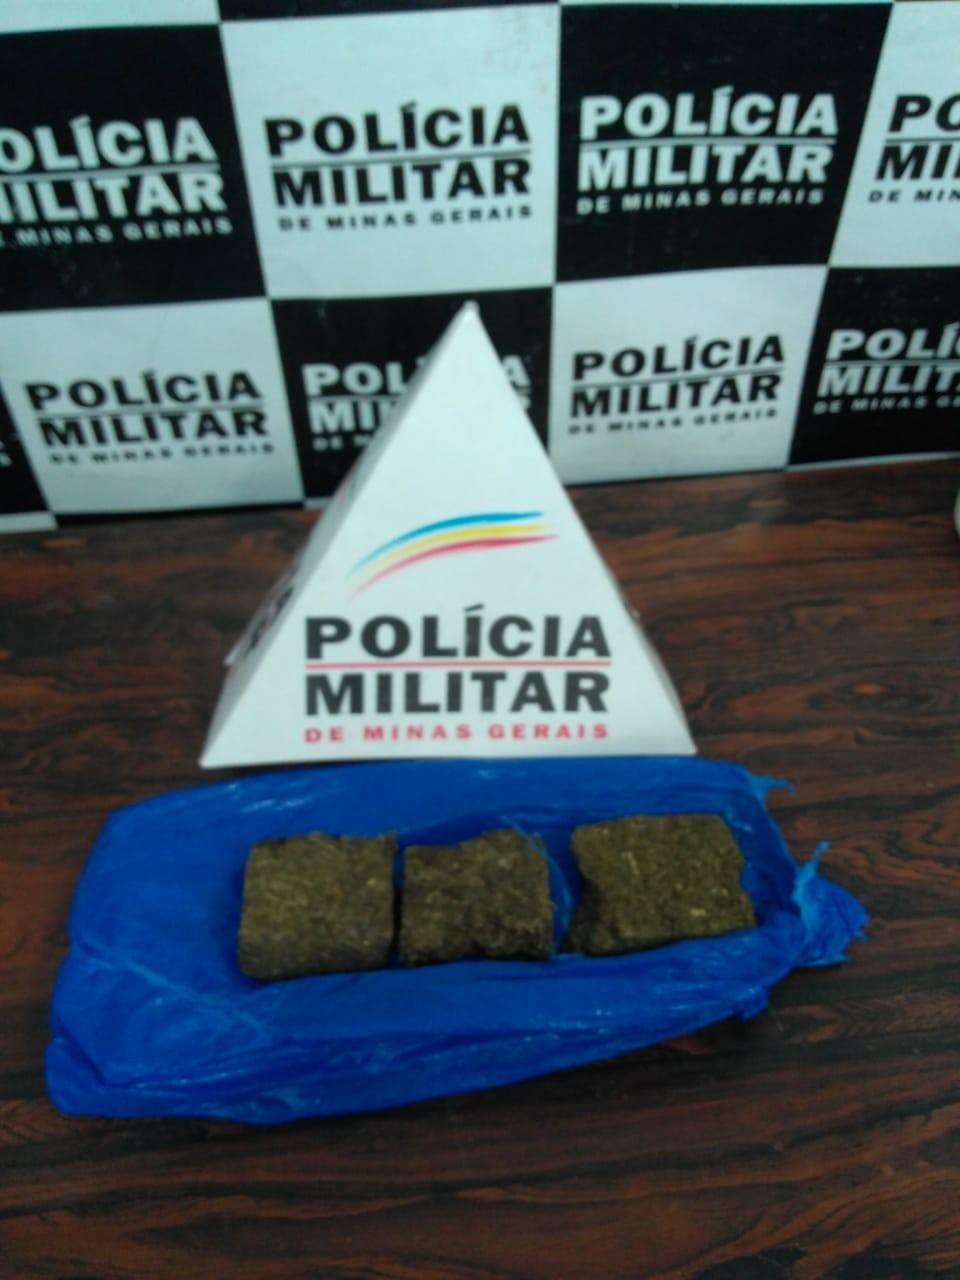 Dois são detidos por tráfico de drogas em Divinópolis - Notícias - Plantão Diário